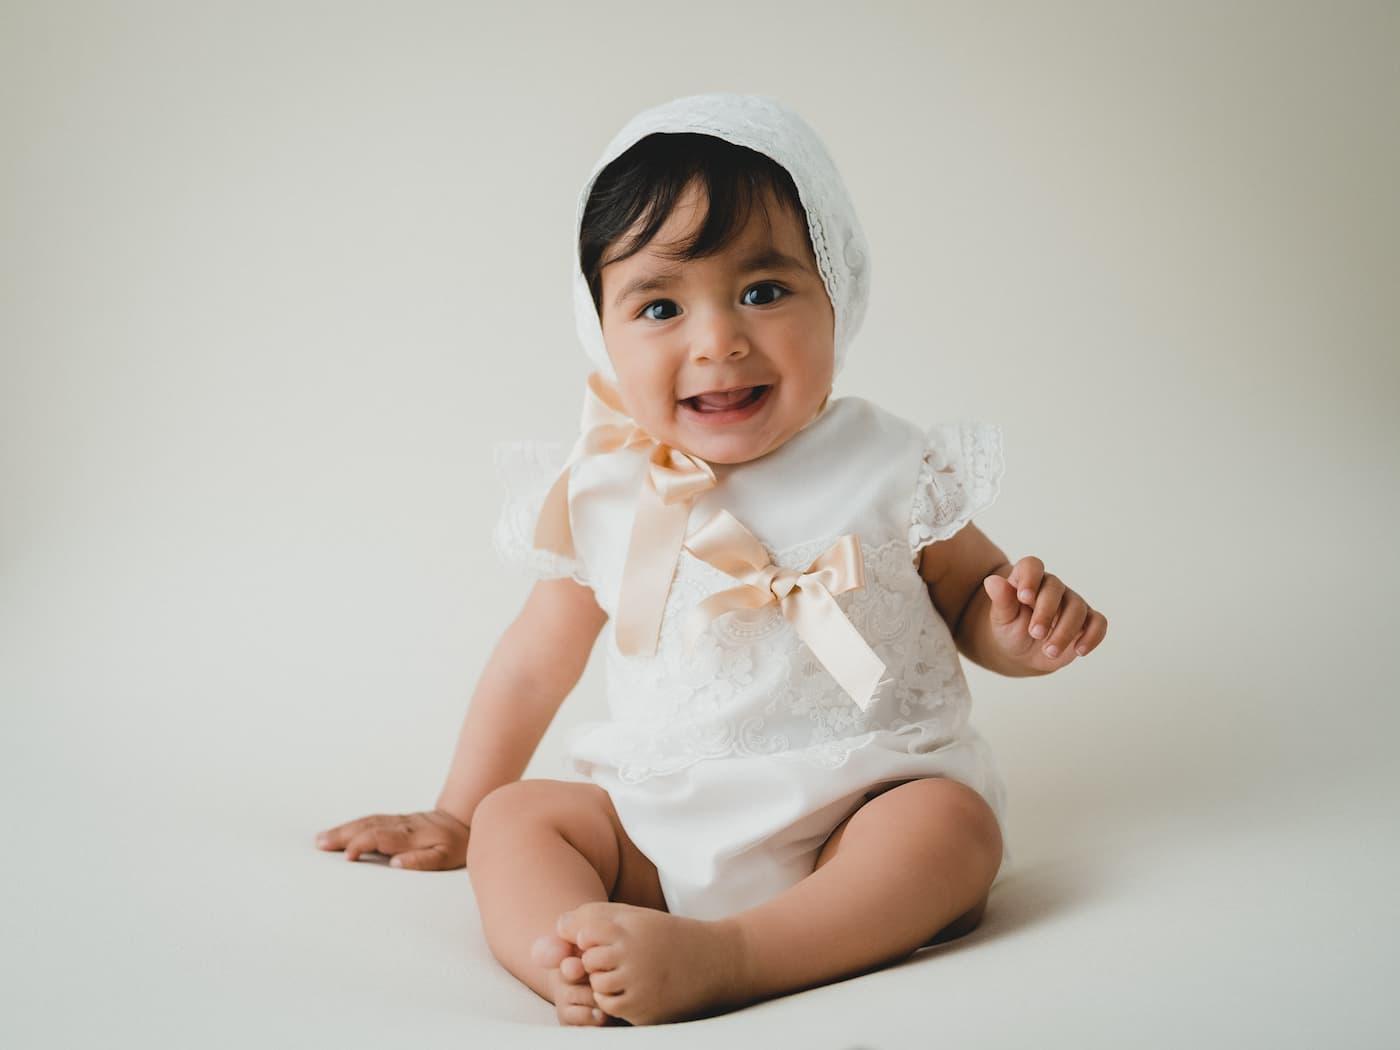 sesion-bautizo-fotografo-ecija-primeras-sonrisas